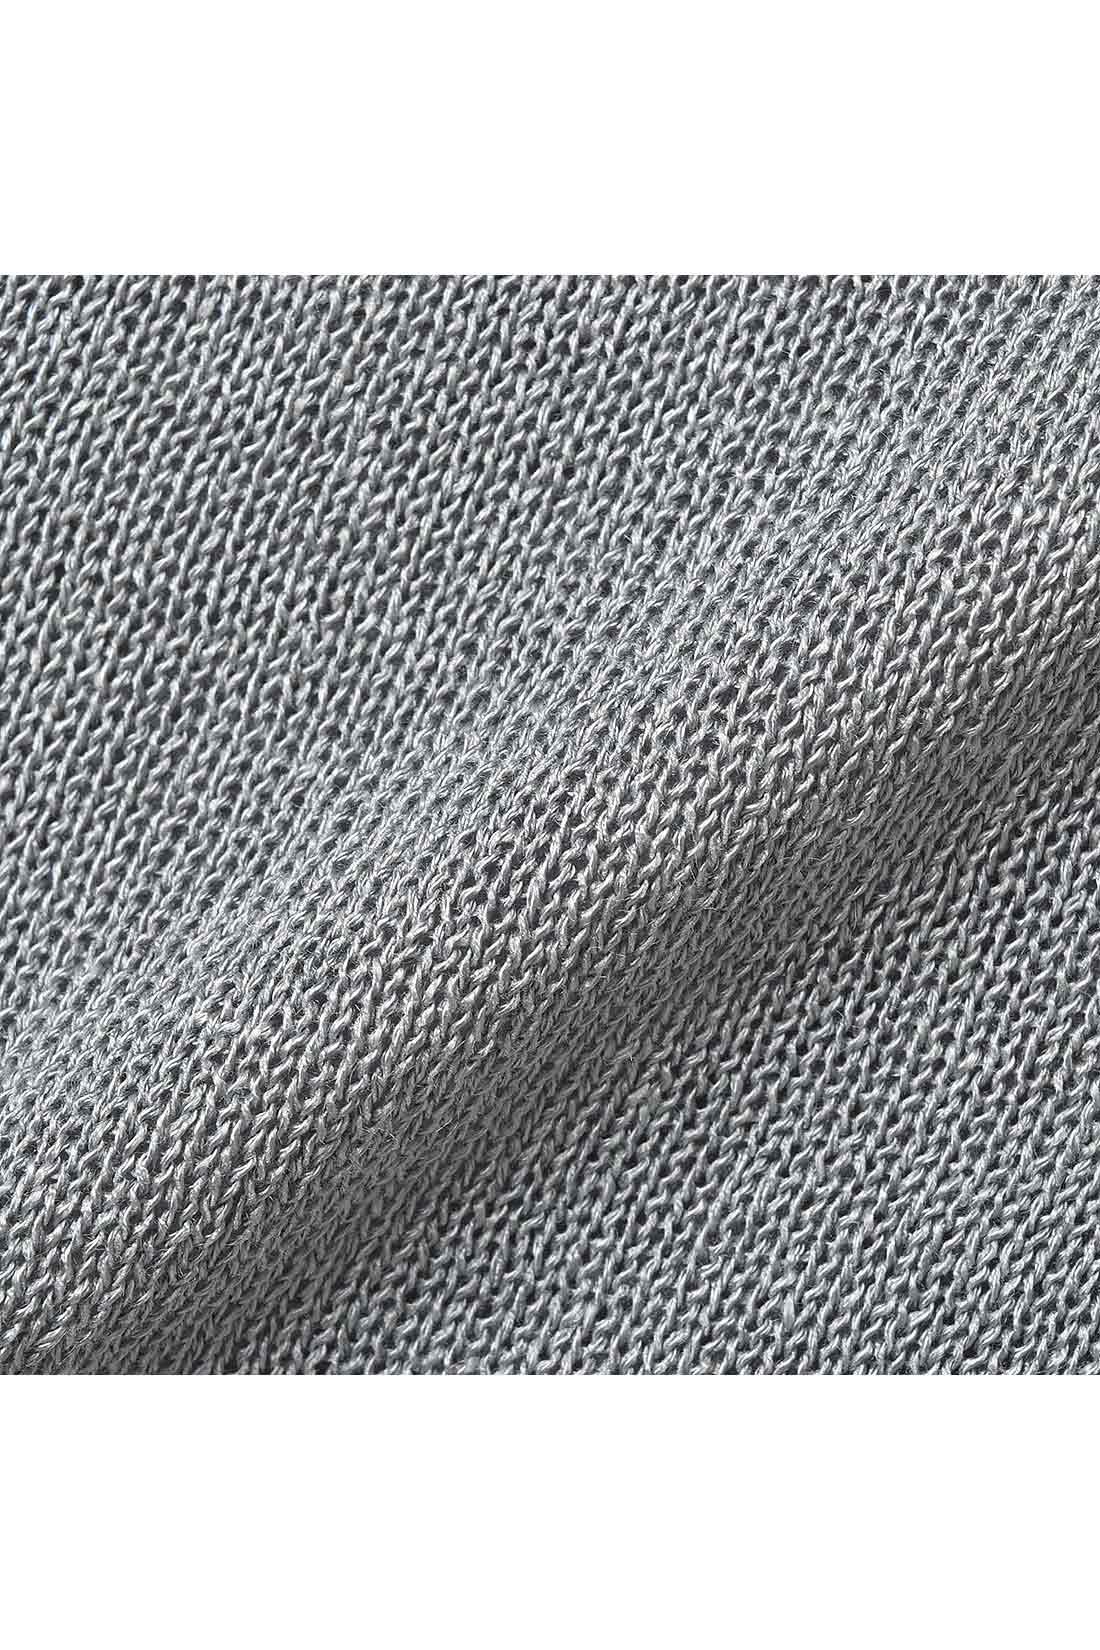 美しい光沢と透け感のある薄手で滑らかな肌ざわりの上質なレーヨンニットを使用。